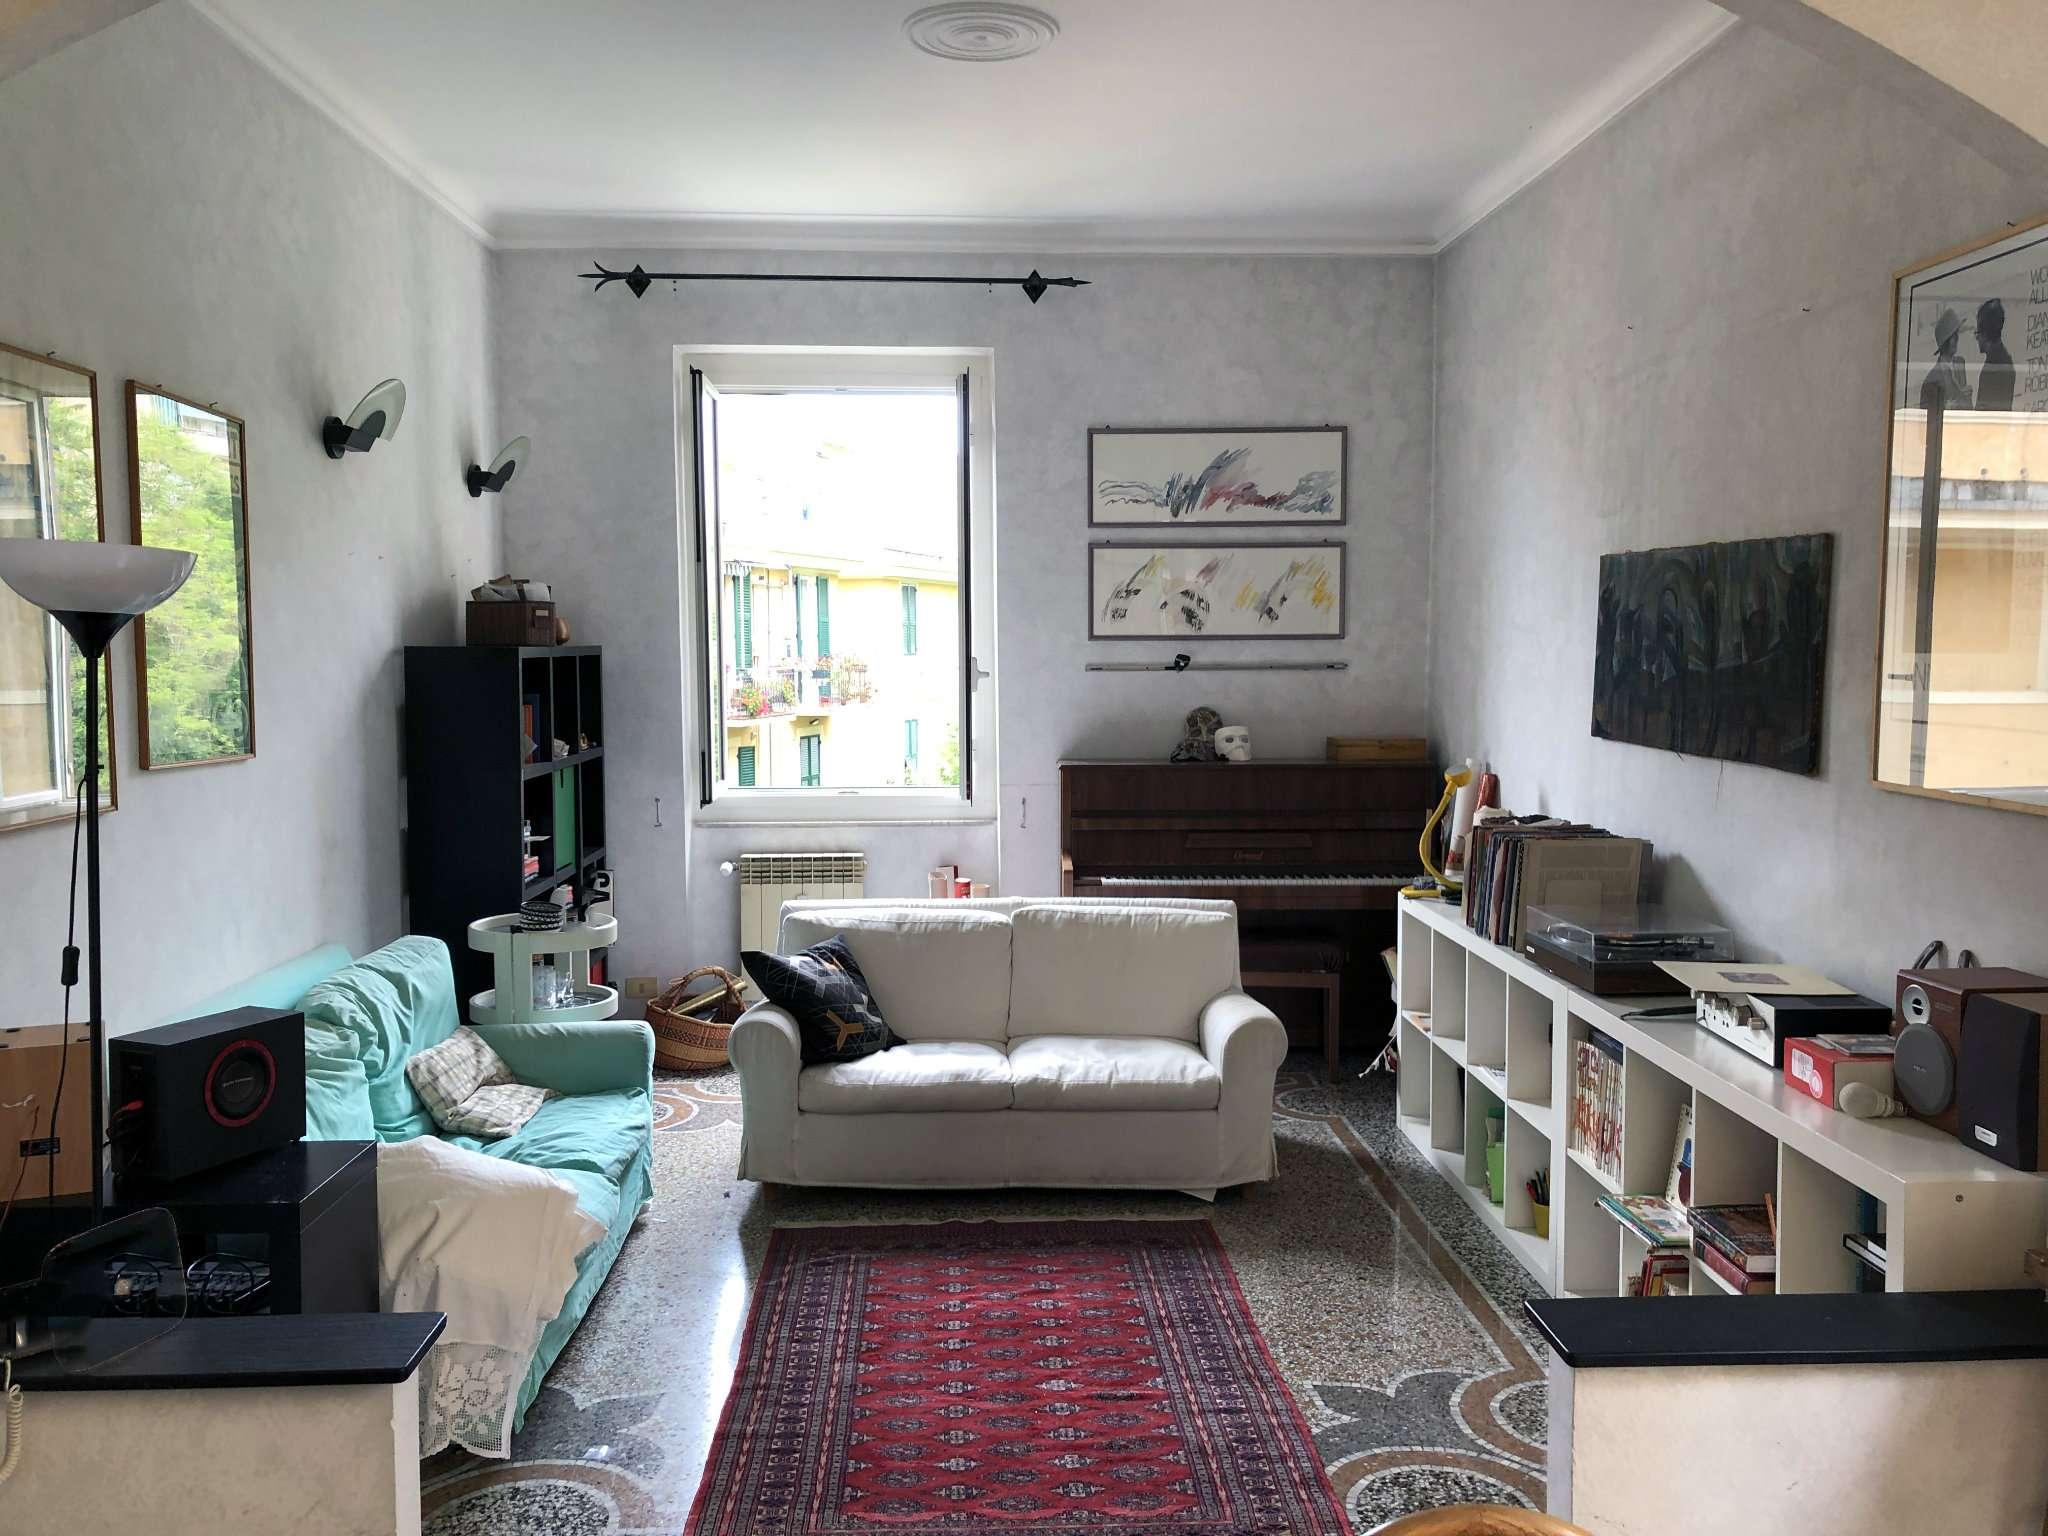 Foto 1 di Appartamento corso Monte Grappa 16, Genova (zona Circonvalmonte)